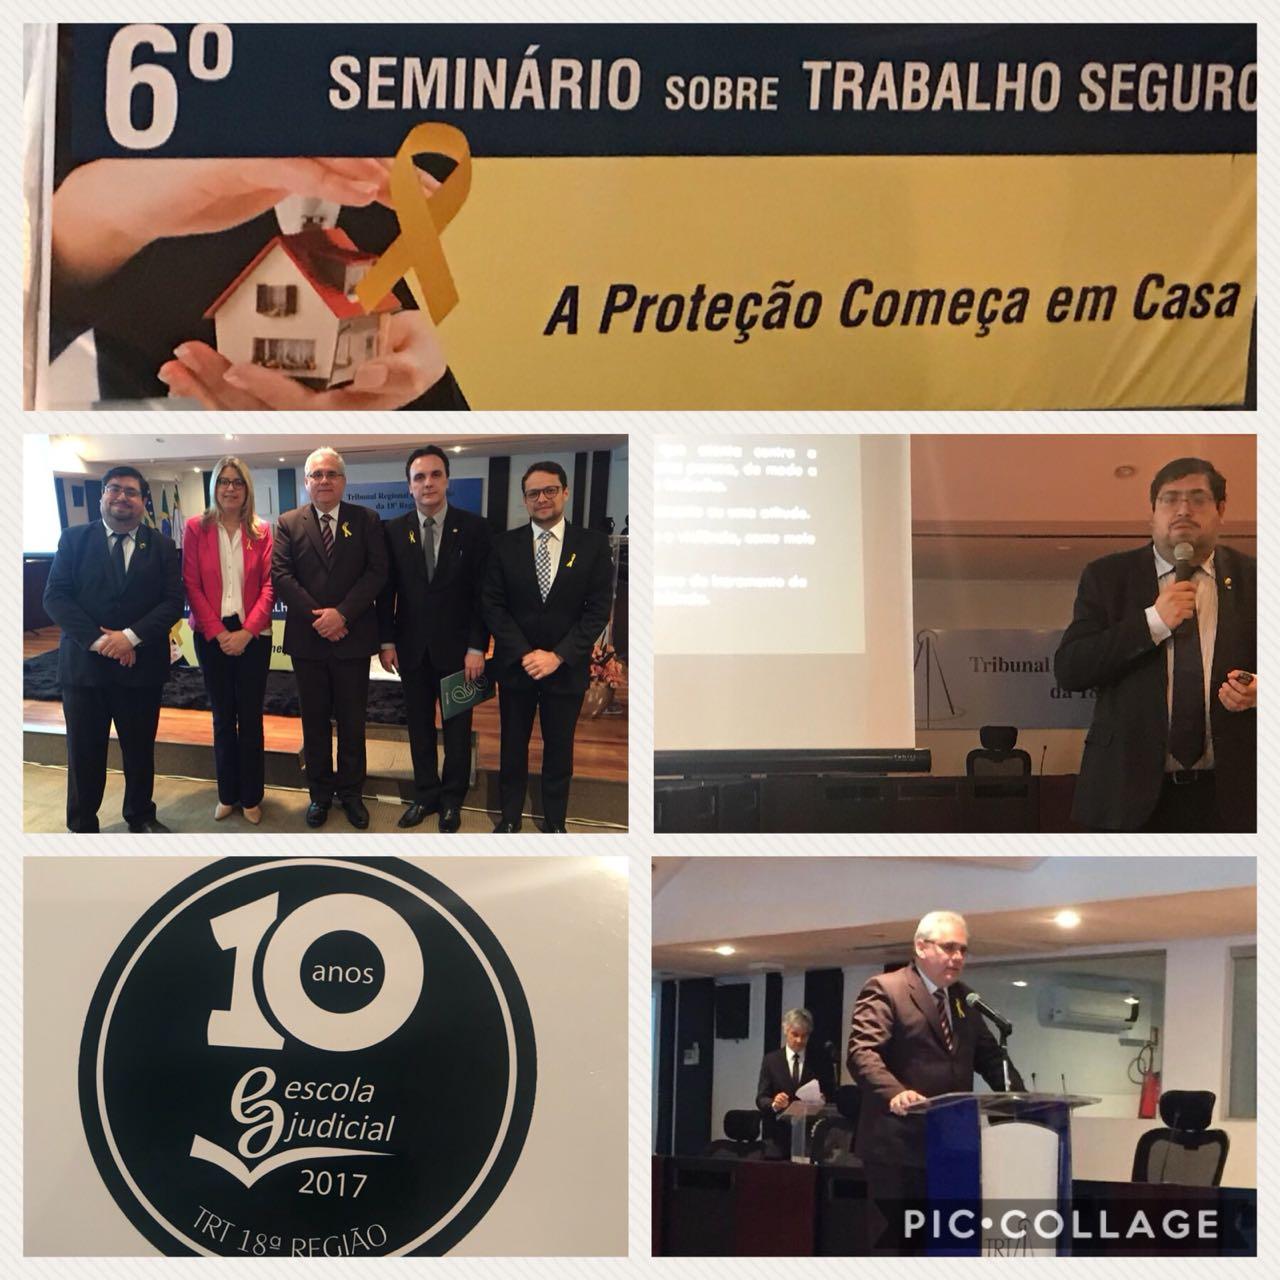 Joaquim Candido parabeniza o Ilustre Desembargador Dr. Welligton Peixoto pela inciativa de divulgação sobre Trabalho Seguro, Tema de tamanha relevância para empregadores e empregados!